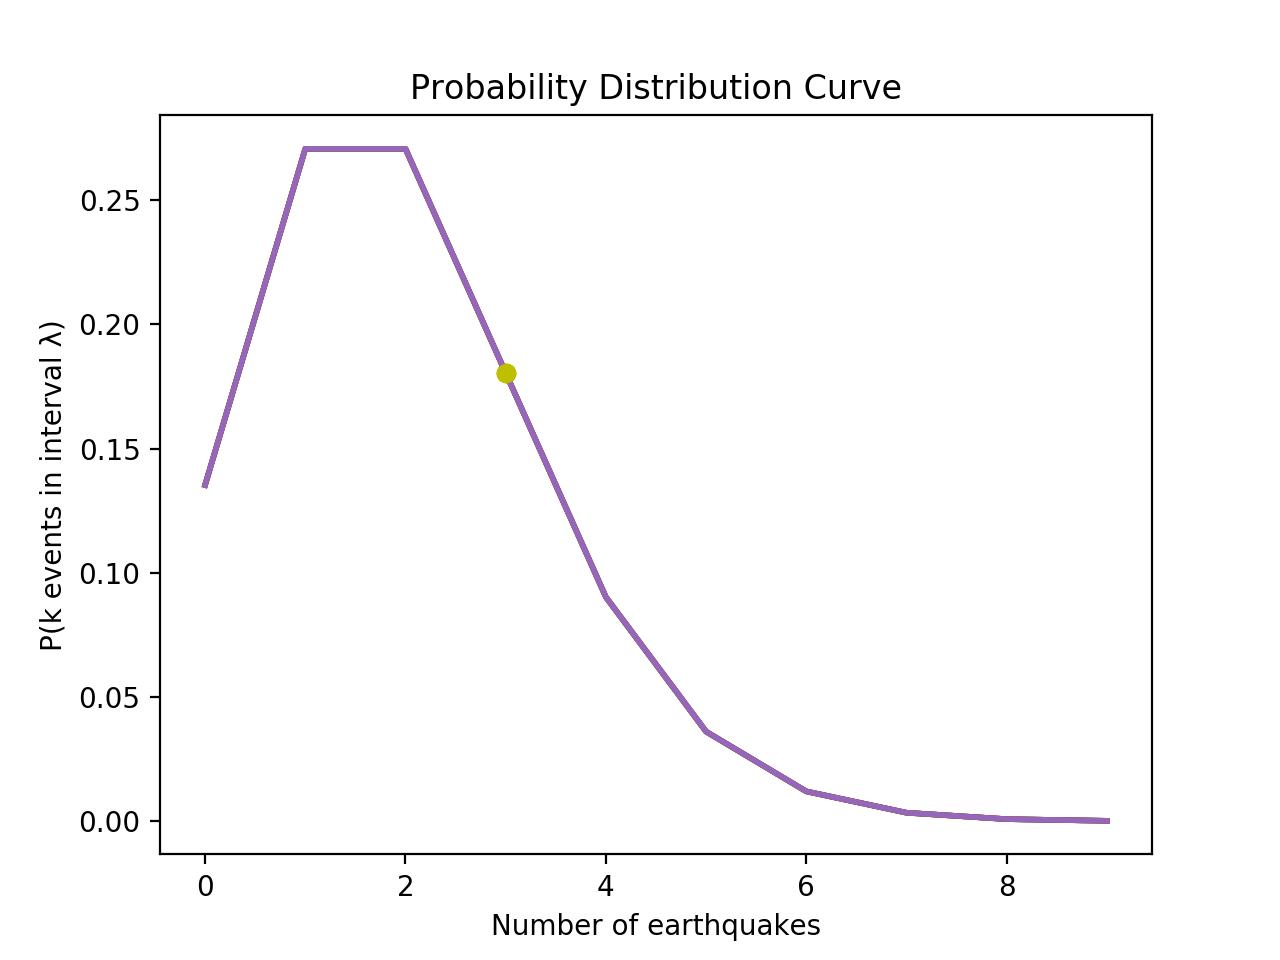 A probability distribution graph